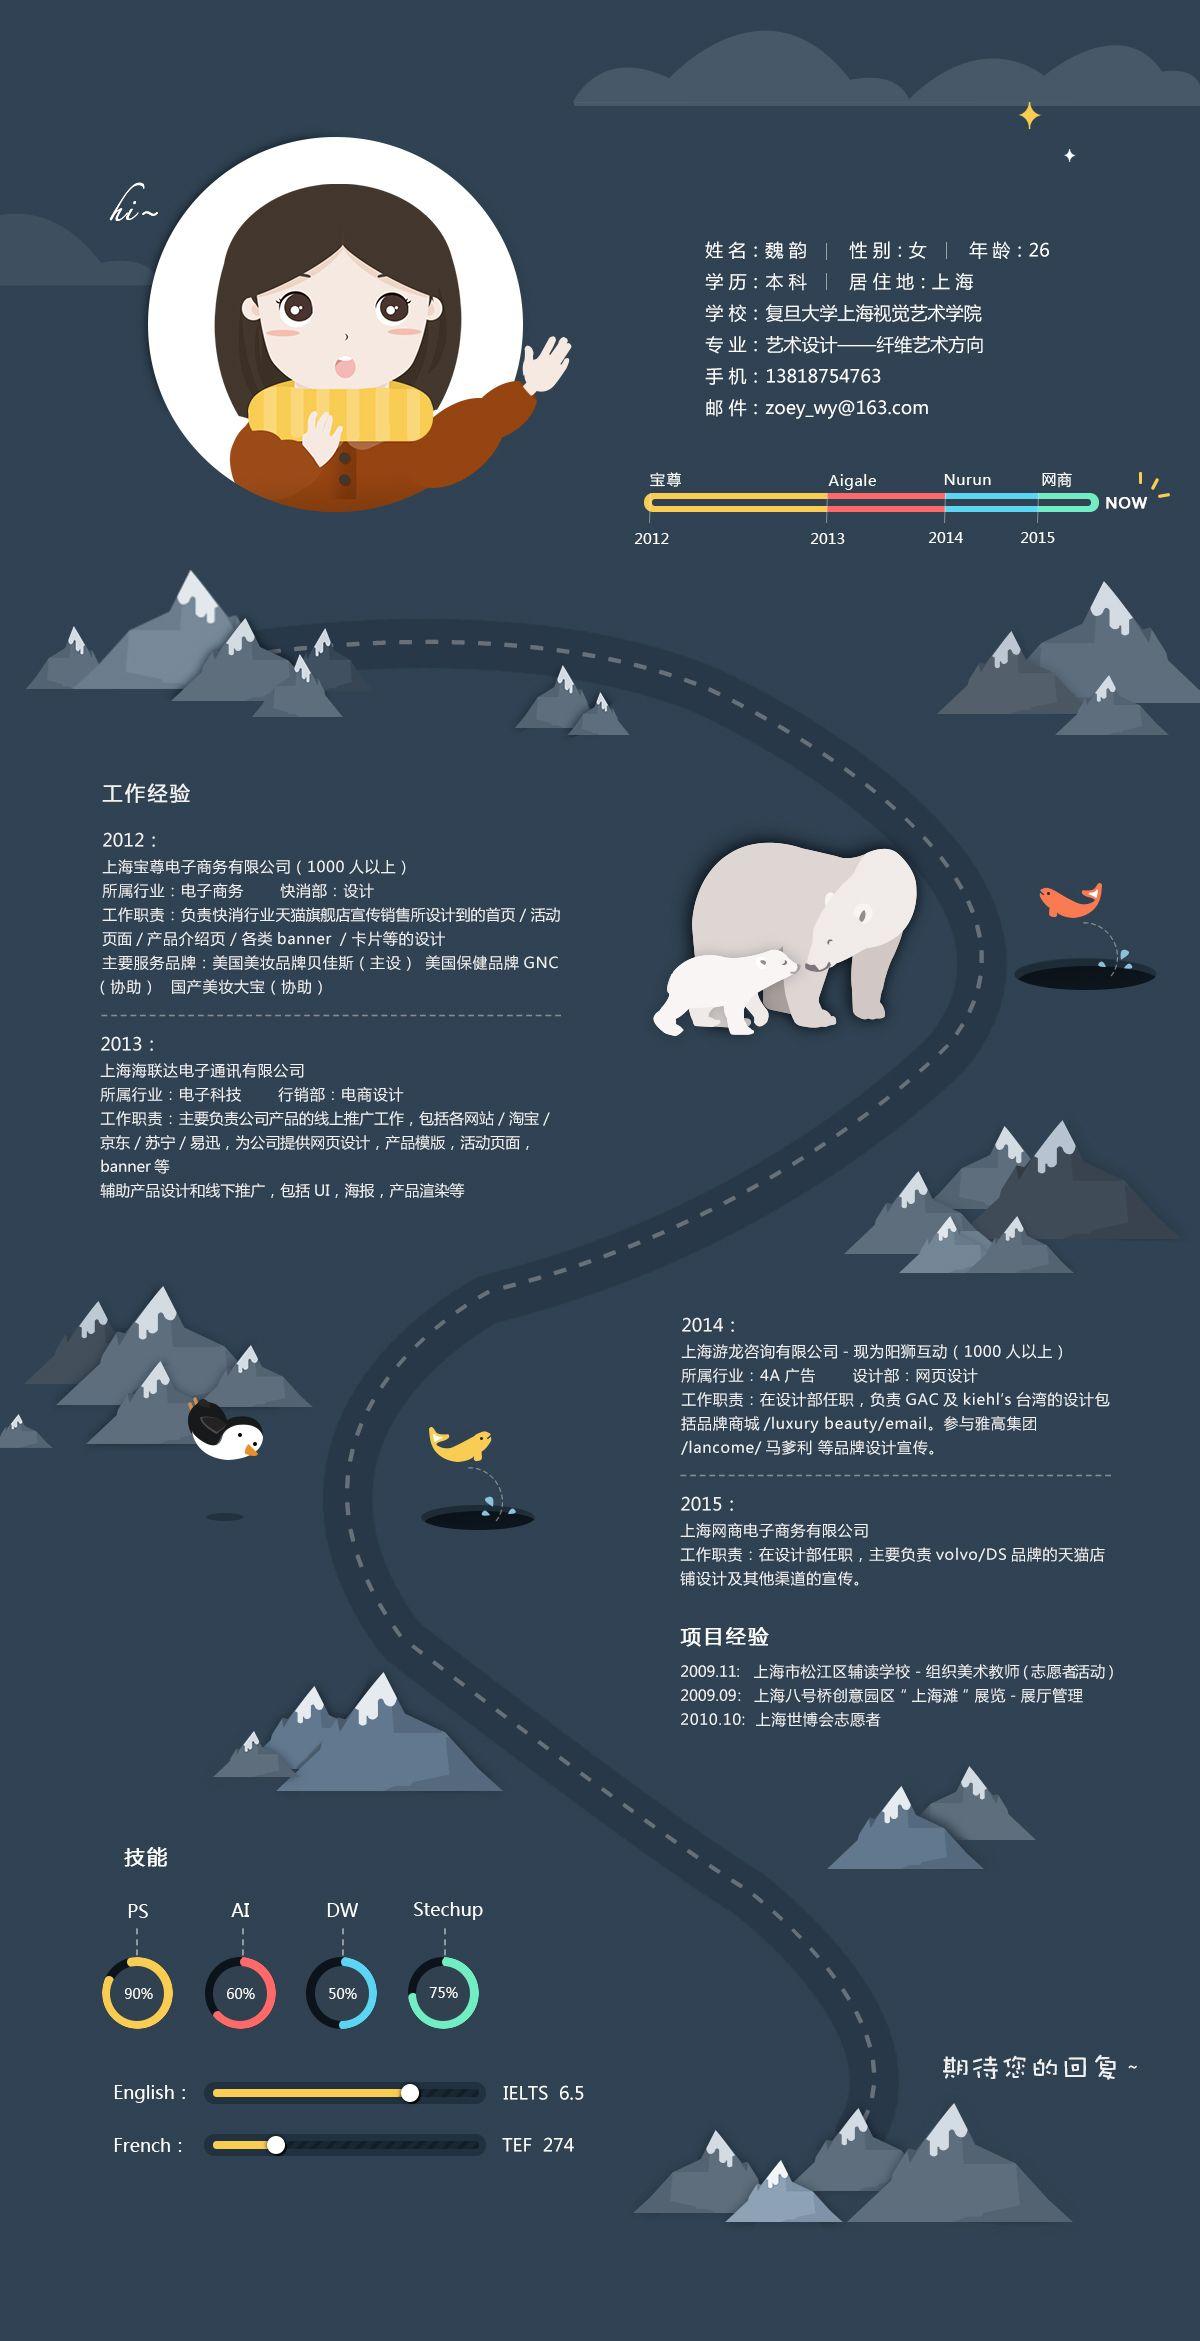 Pin de Thống Nhí en LÊ hoàng | Pinterest | Curriculums, Infografia y ...